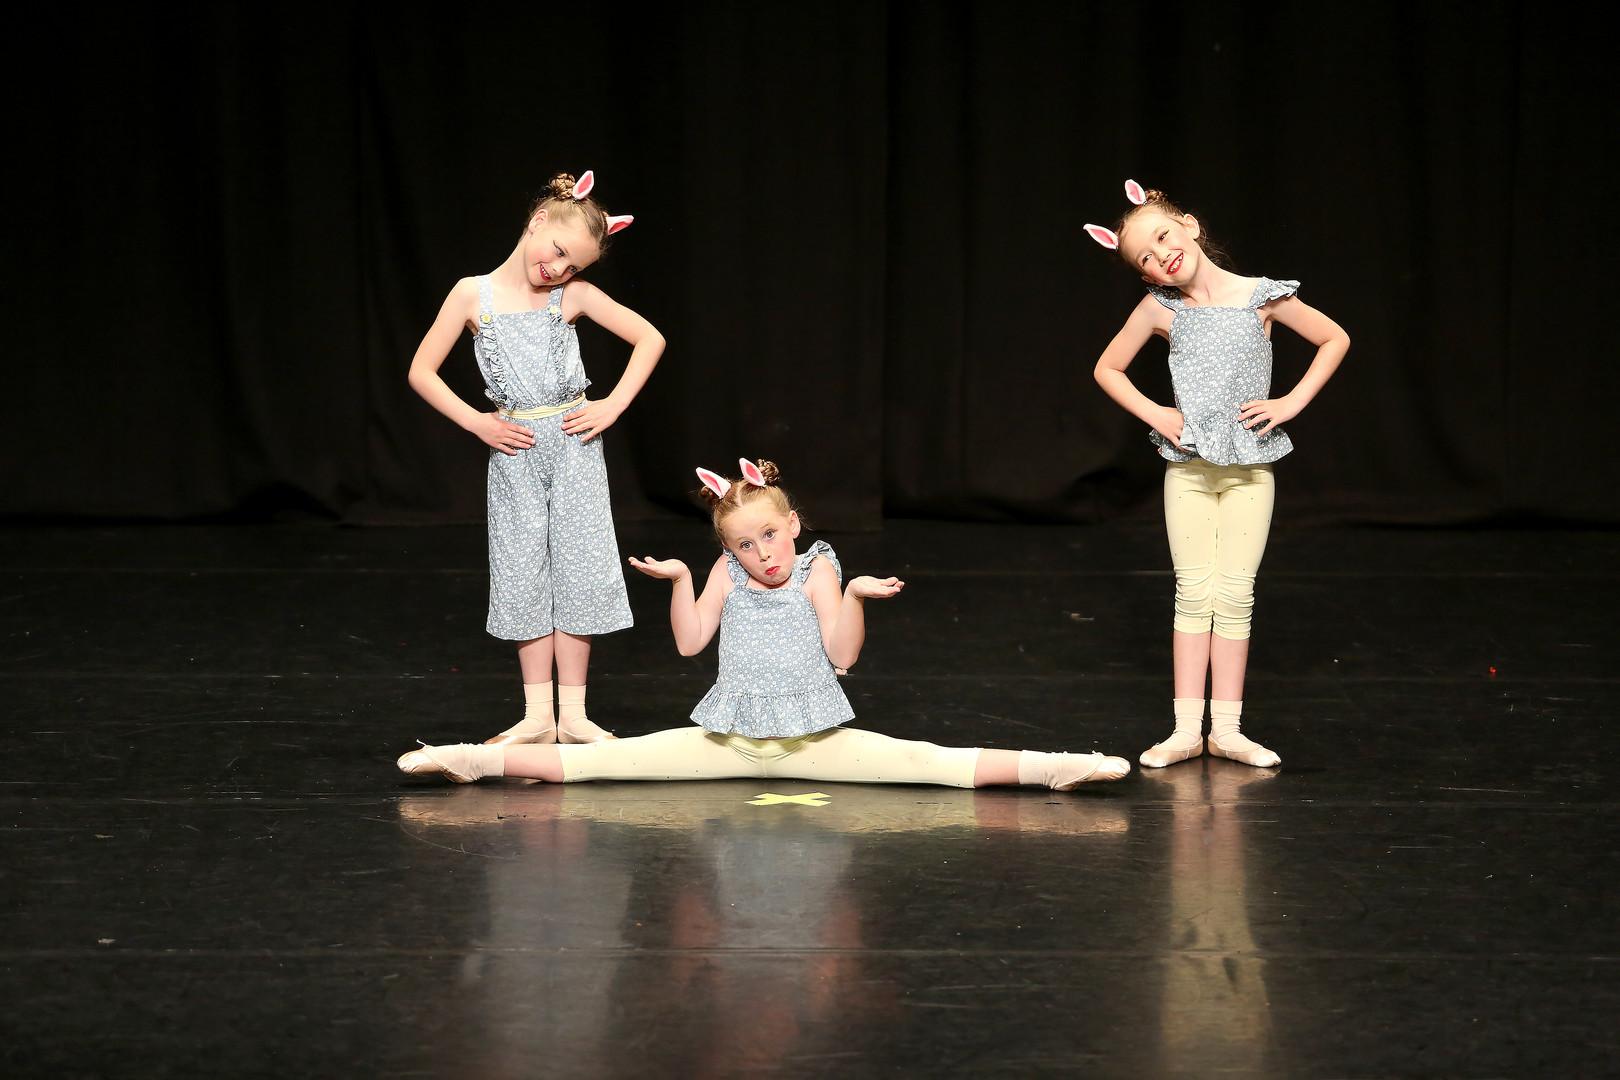 Hazel, D'Lainie & Cora, Age 6